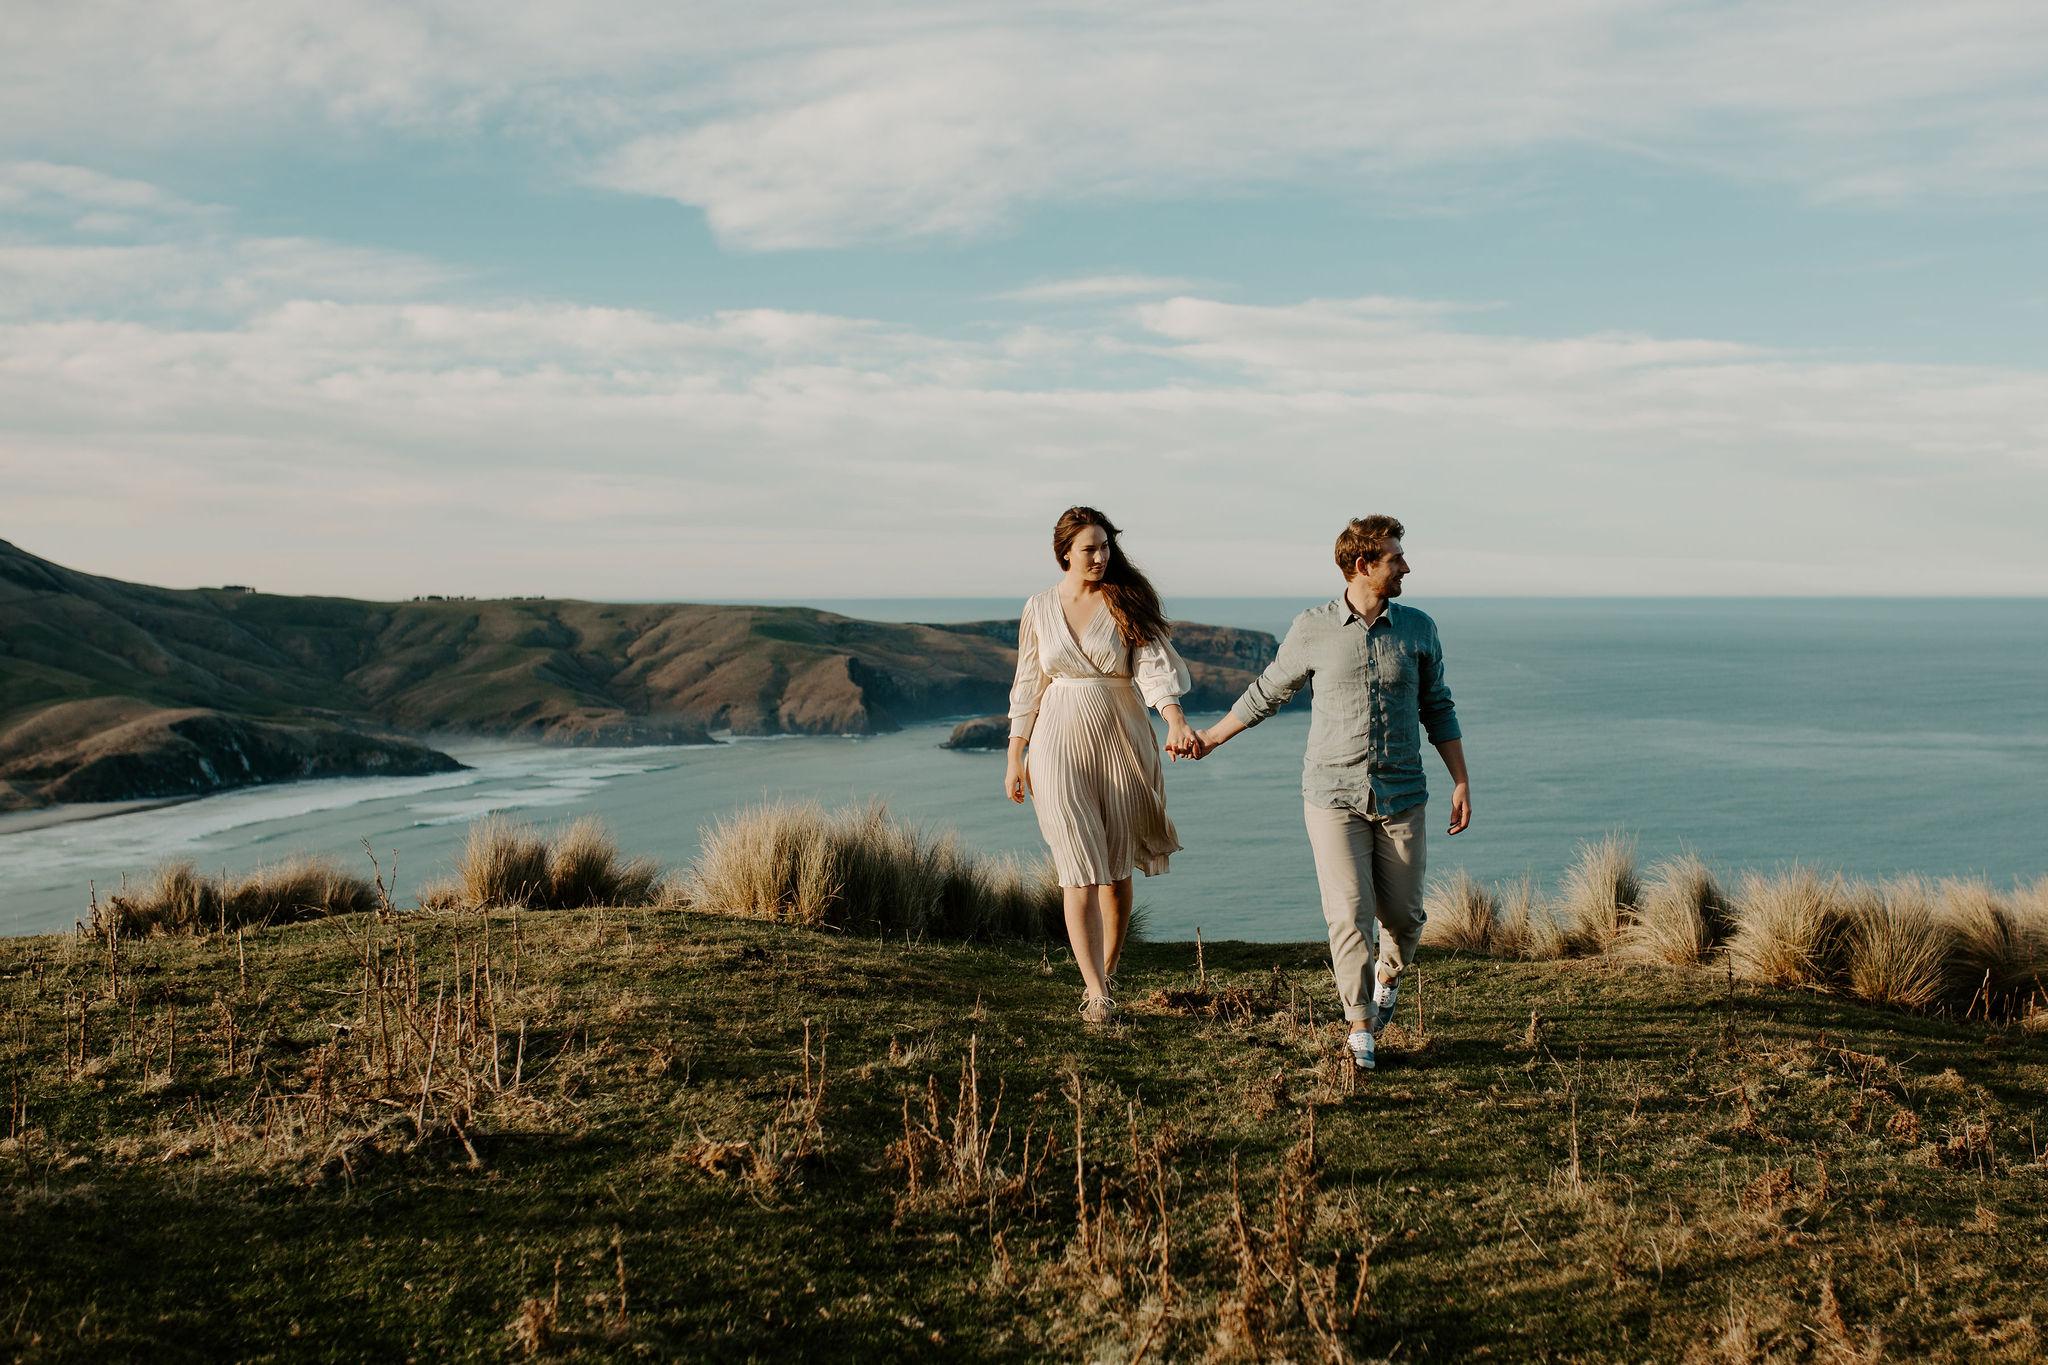 Dunedin-NewZealand-Elopement-Engagement-Photographer-Sam-Ashlie-6204.jpg